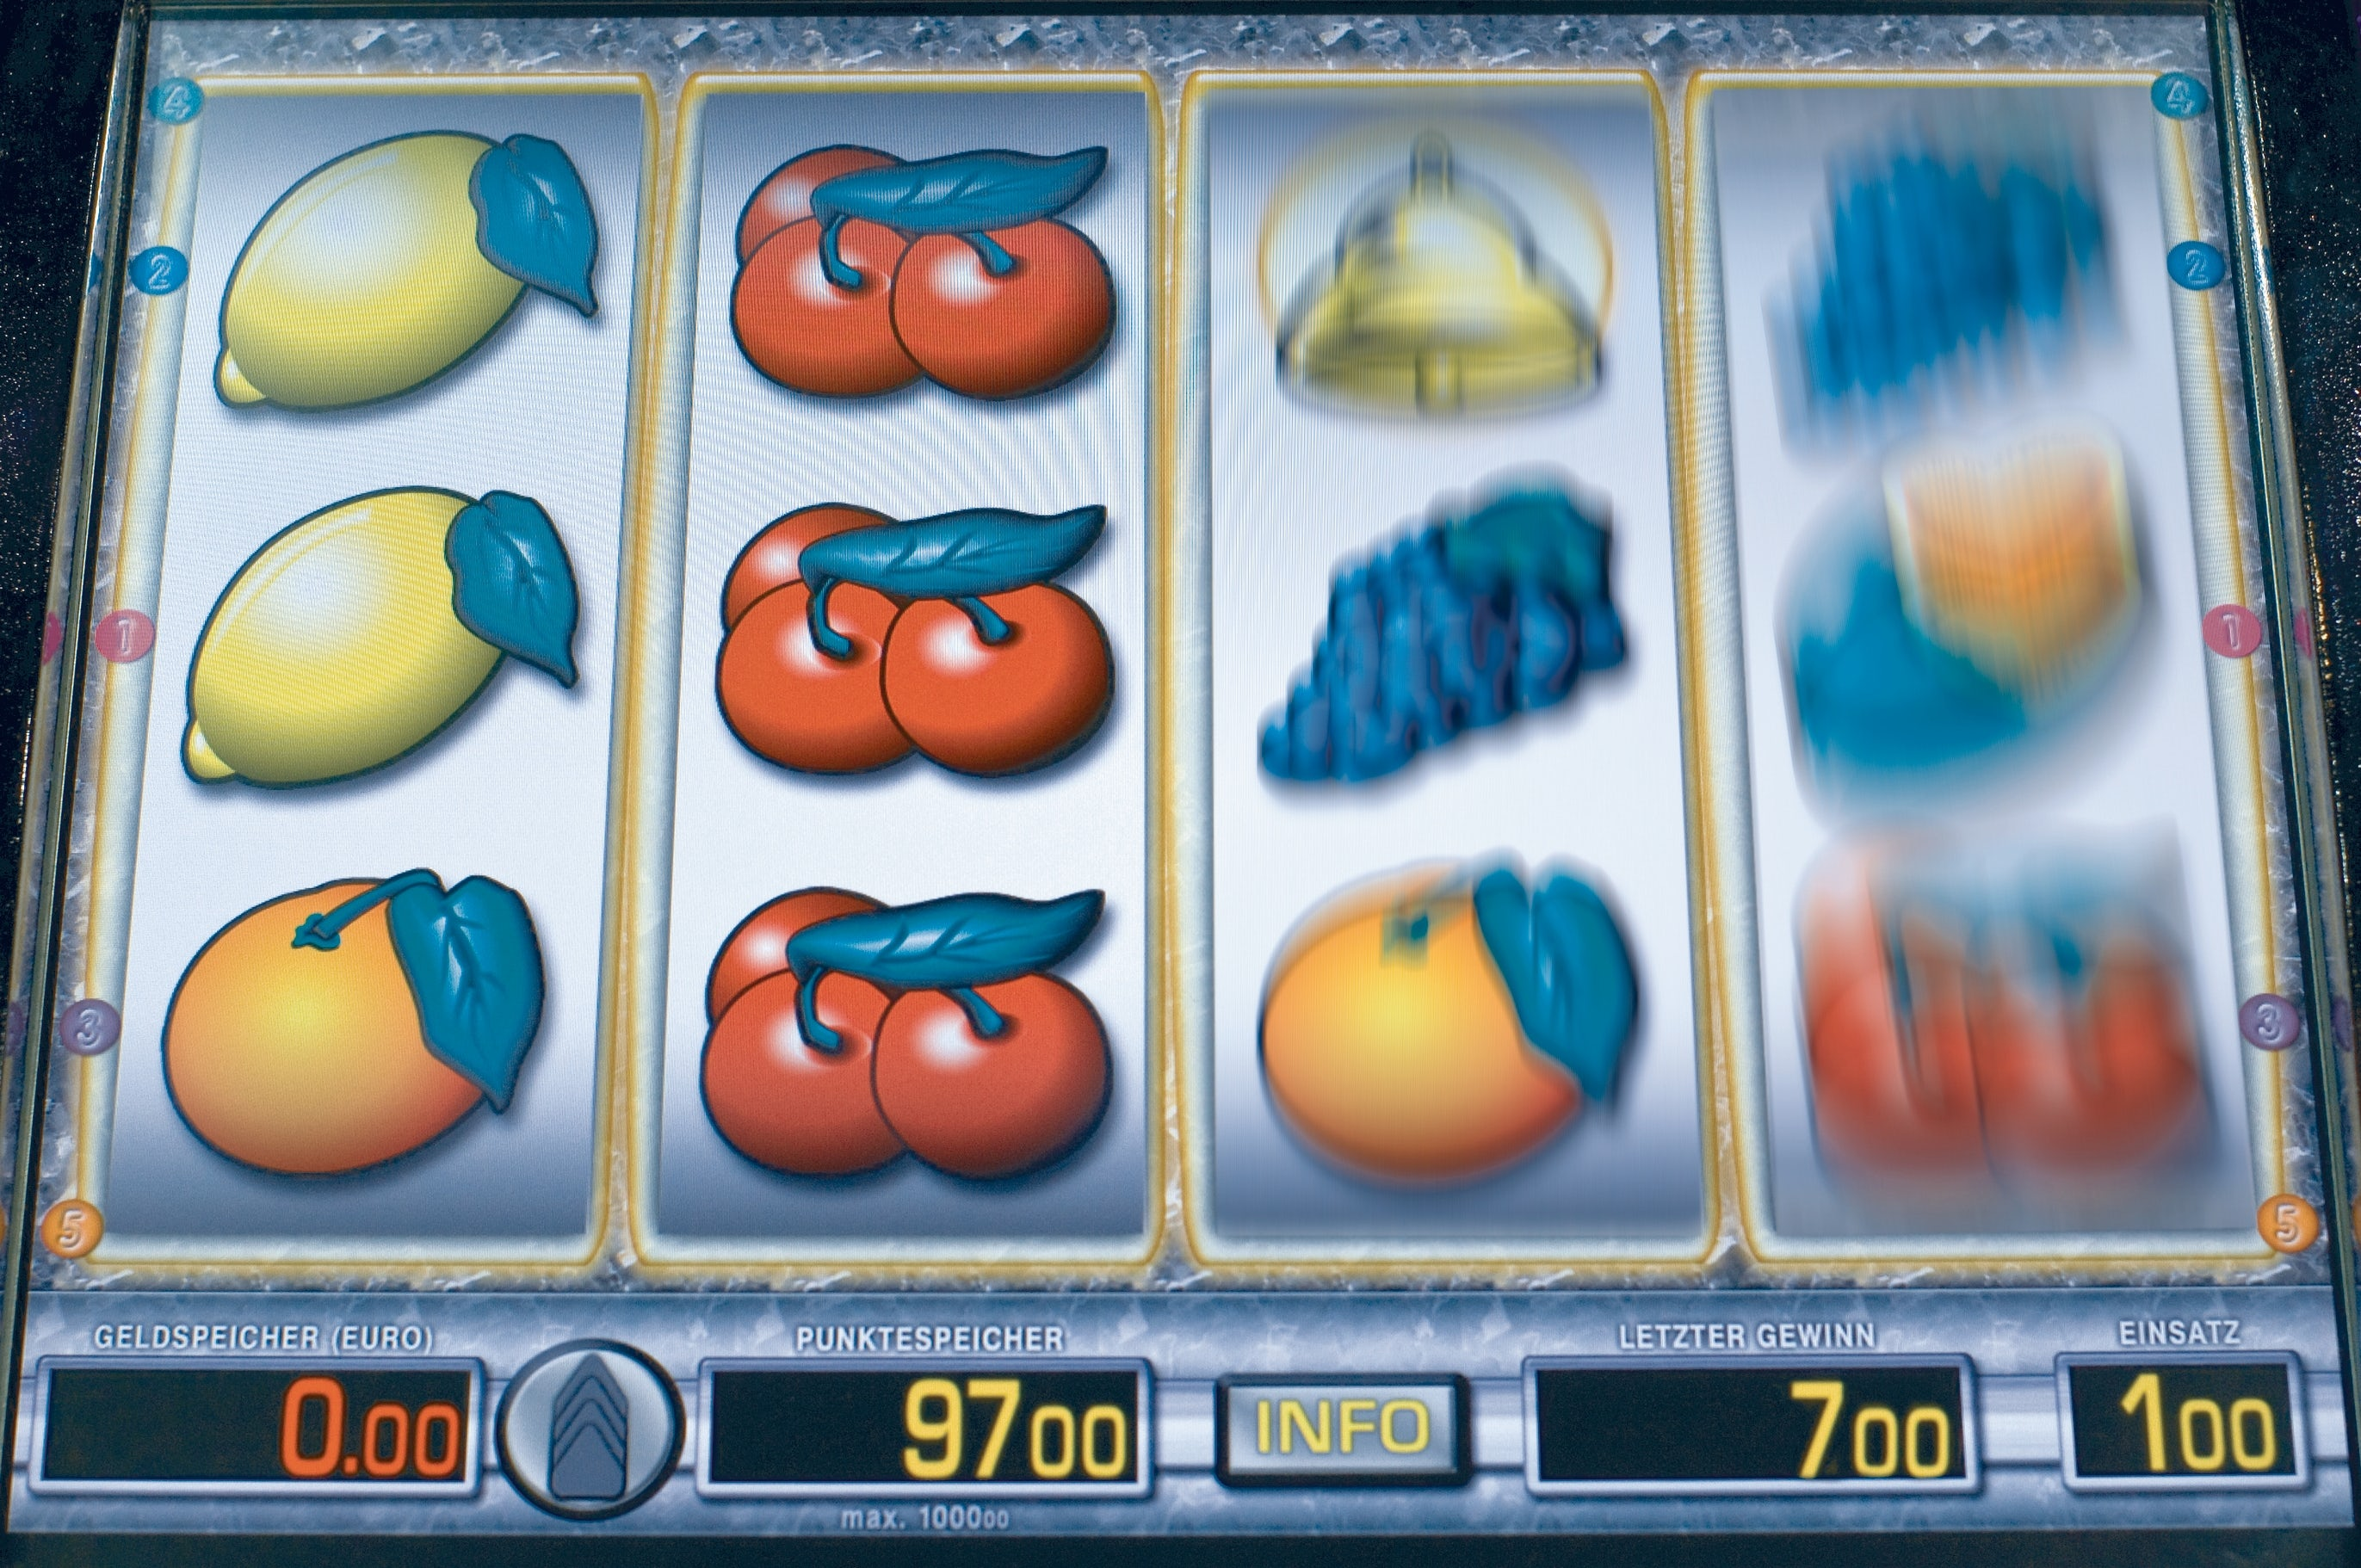 /l/p/p/NEPA_Fruitmachine.jpg